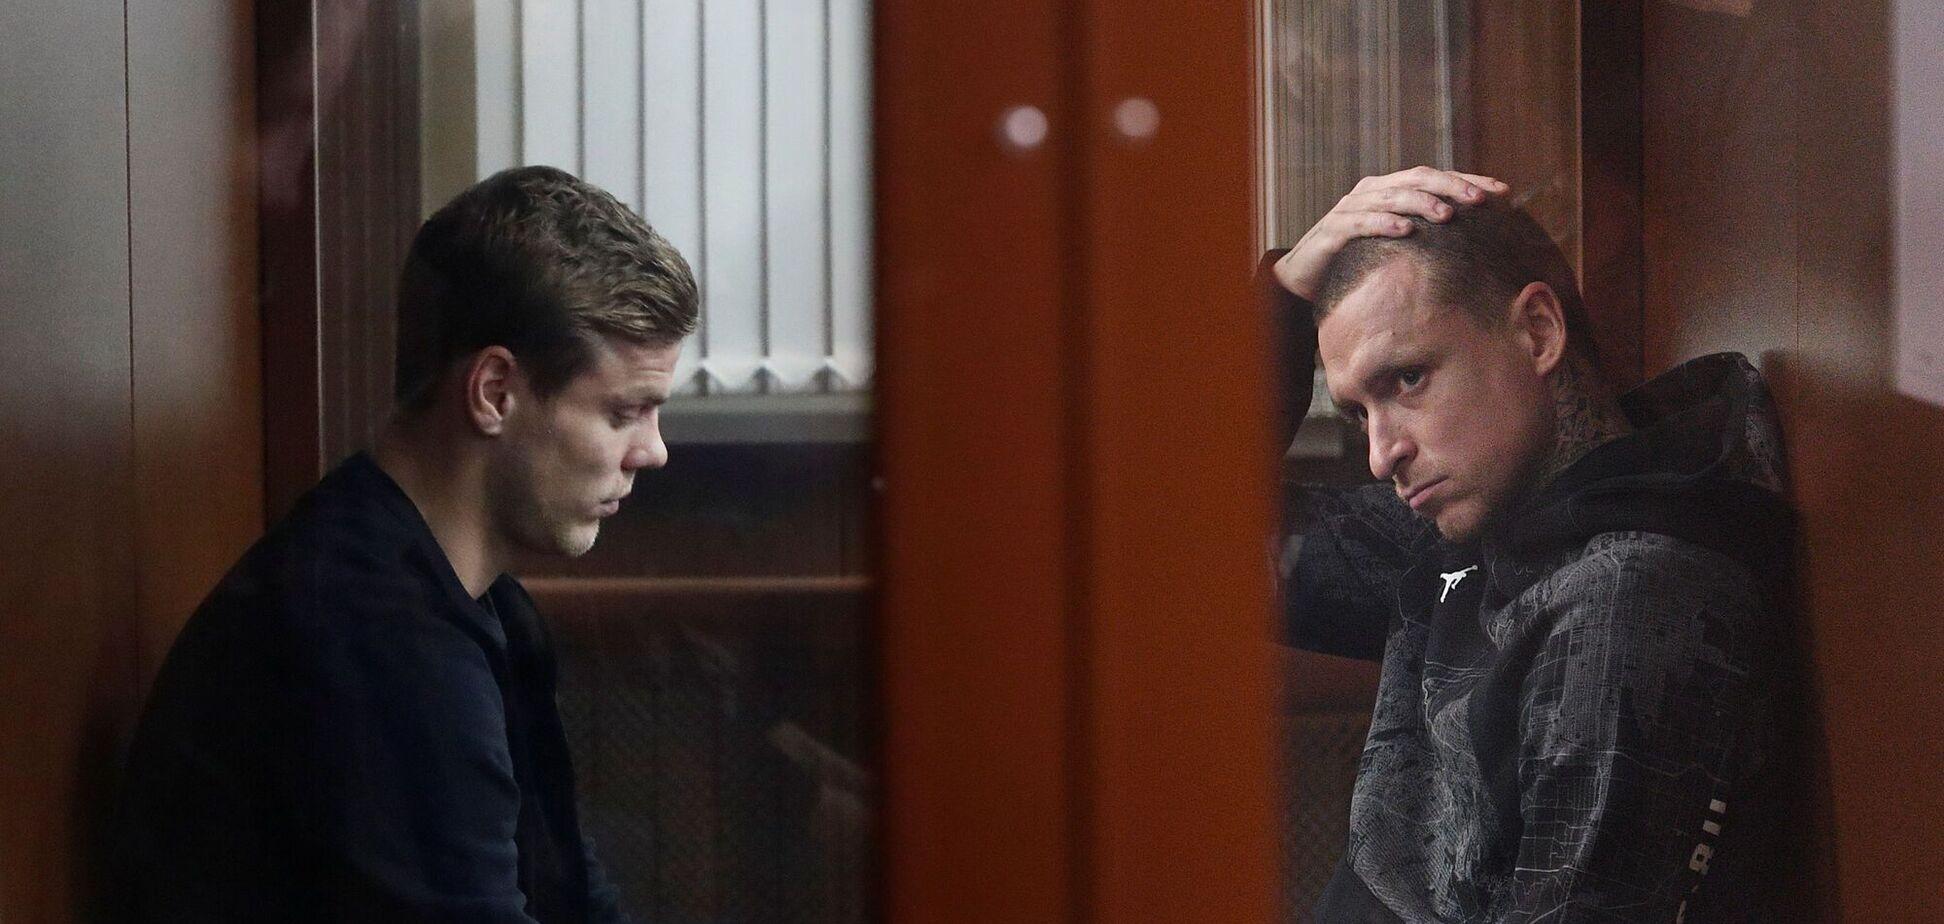 Олександр Кокорін і Павло Мамаєв